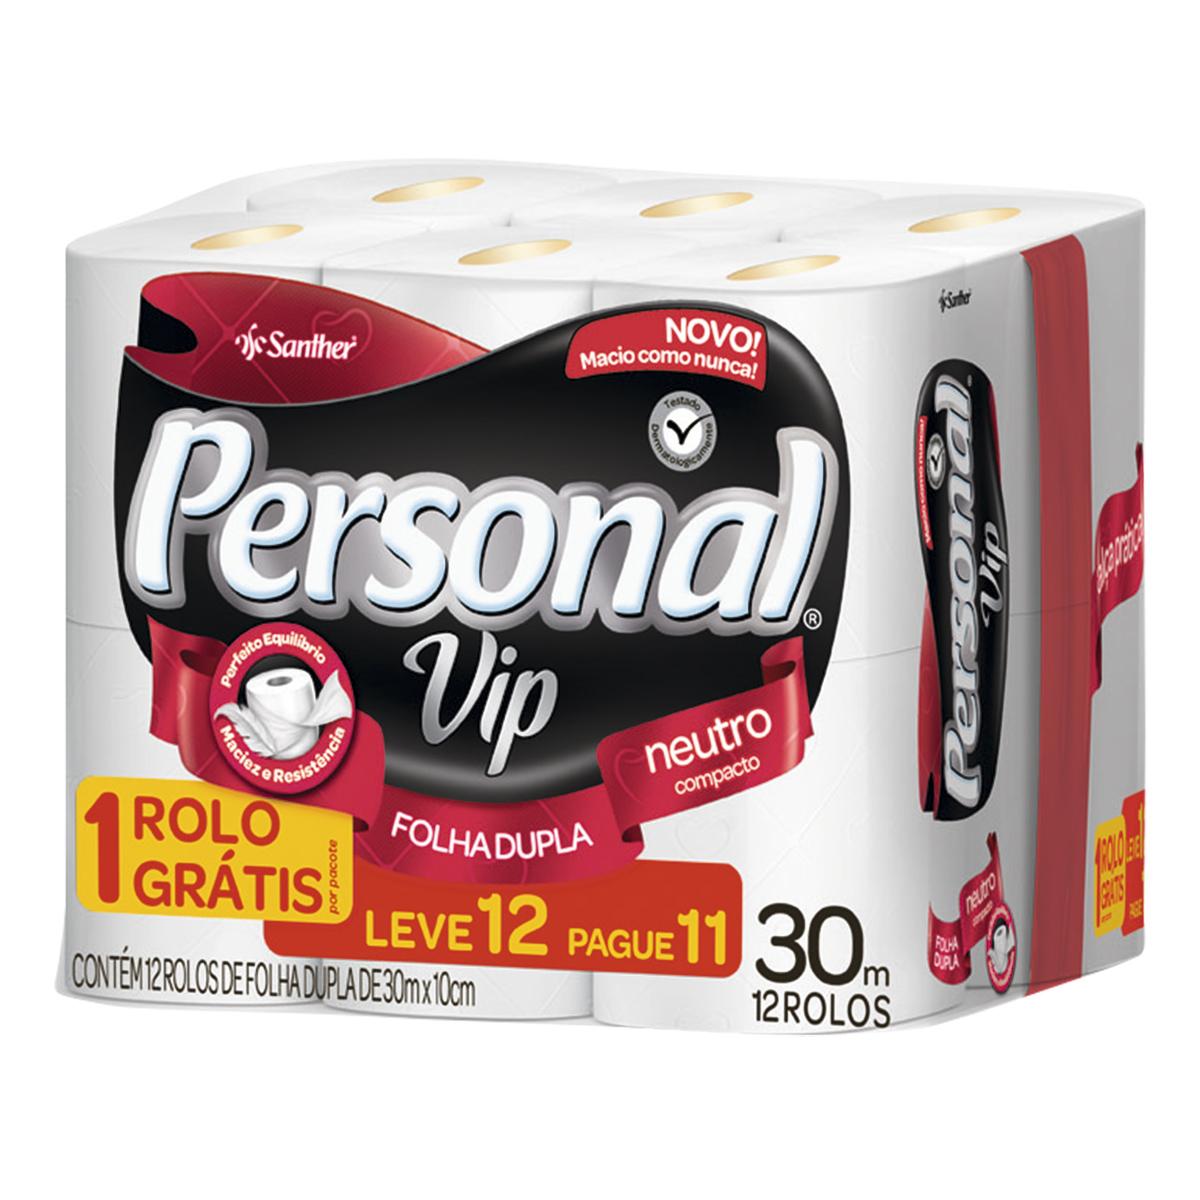 imagem de PAPEL HIG PERSONAL FOLHA DUPLA VIP L12P11 30M